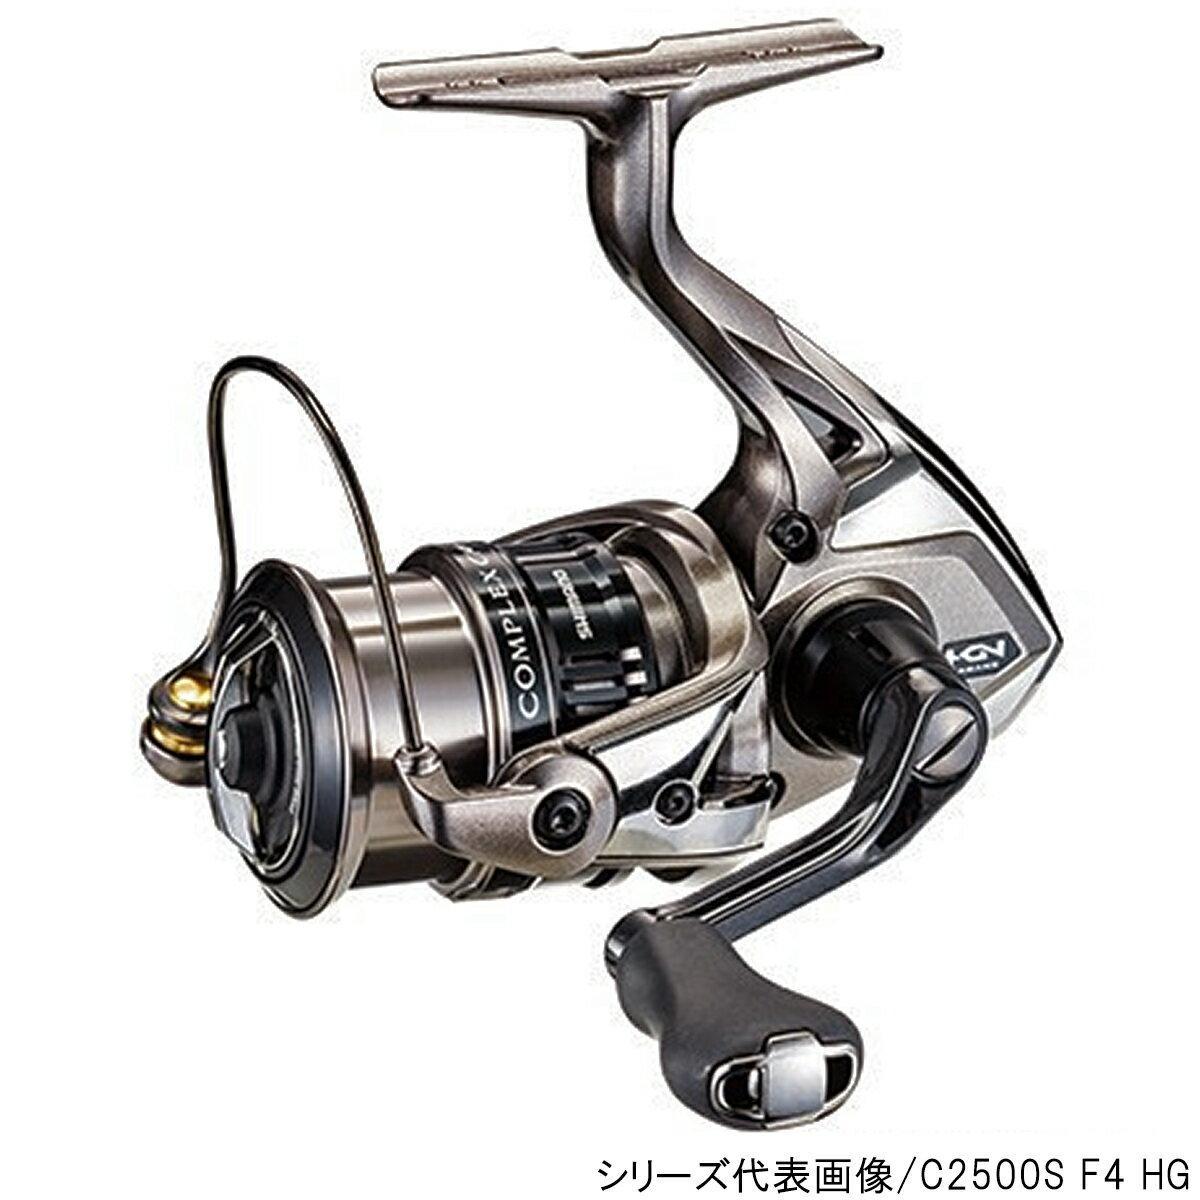 シマノ コンプレックス CI4+ 2500S F6 HG